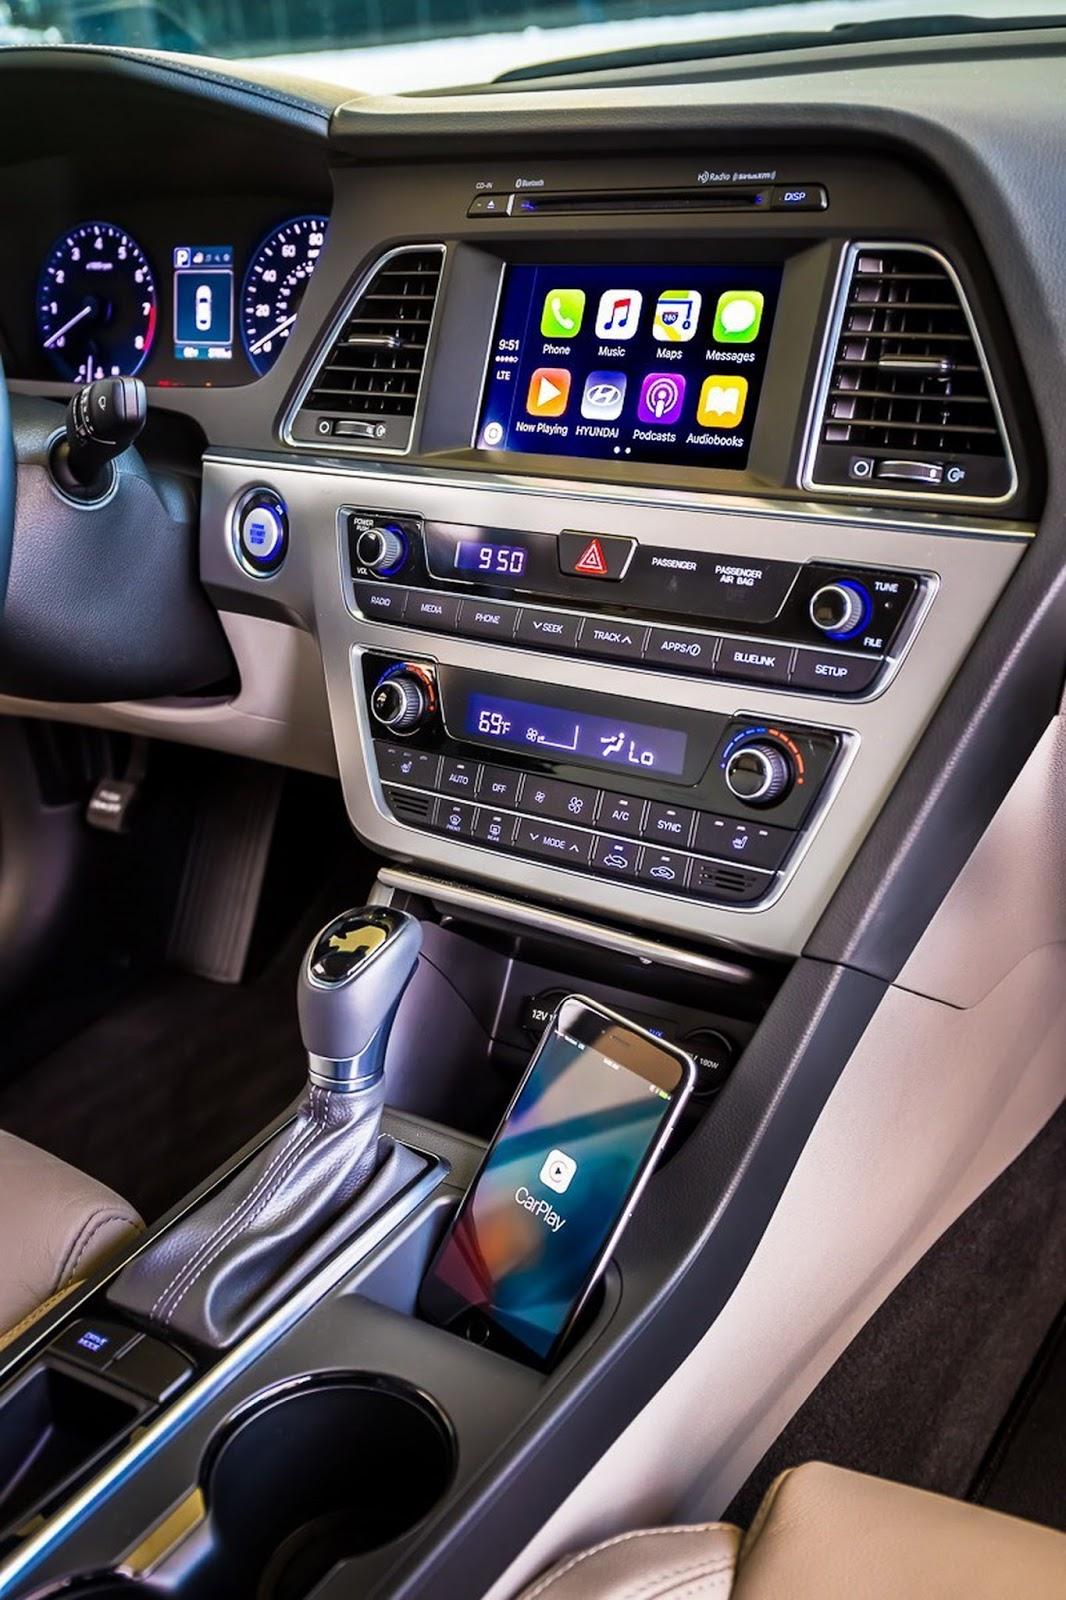 Trong khi đó, các trang thiết bị tùy chọn của đối thủ dành cho Toyota Camry và Honda Accord là nắp cốp thông minh mở rảnh tay, màn hình định vị 8 inch, ứng dụng Apple CarPlay cũng như Android Auto, phanh đỗ xe điện tử cùng hệ thống viễn tin Blue Link.